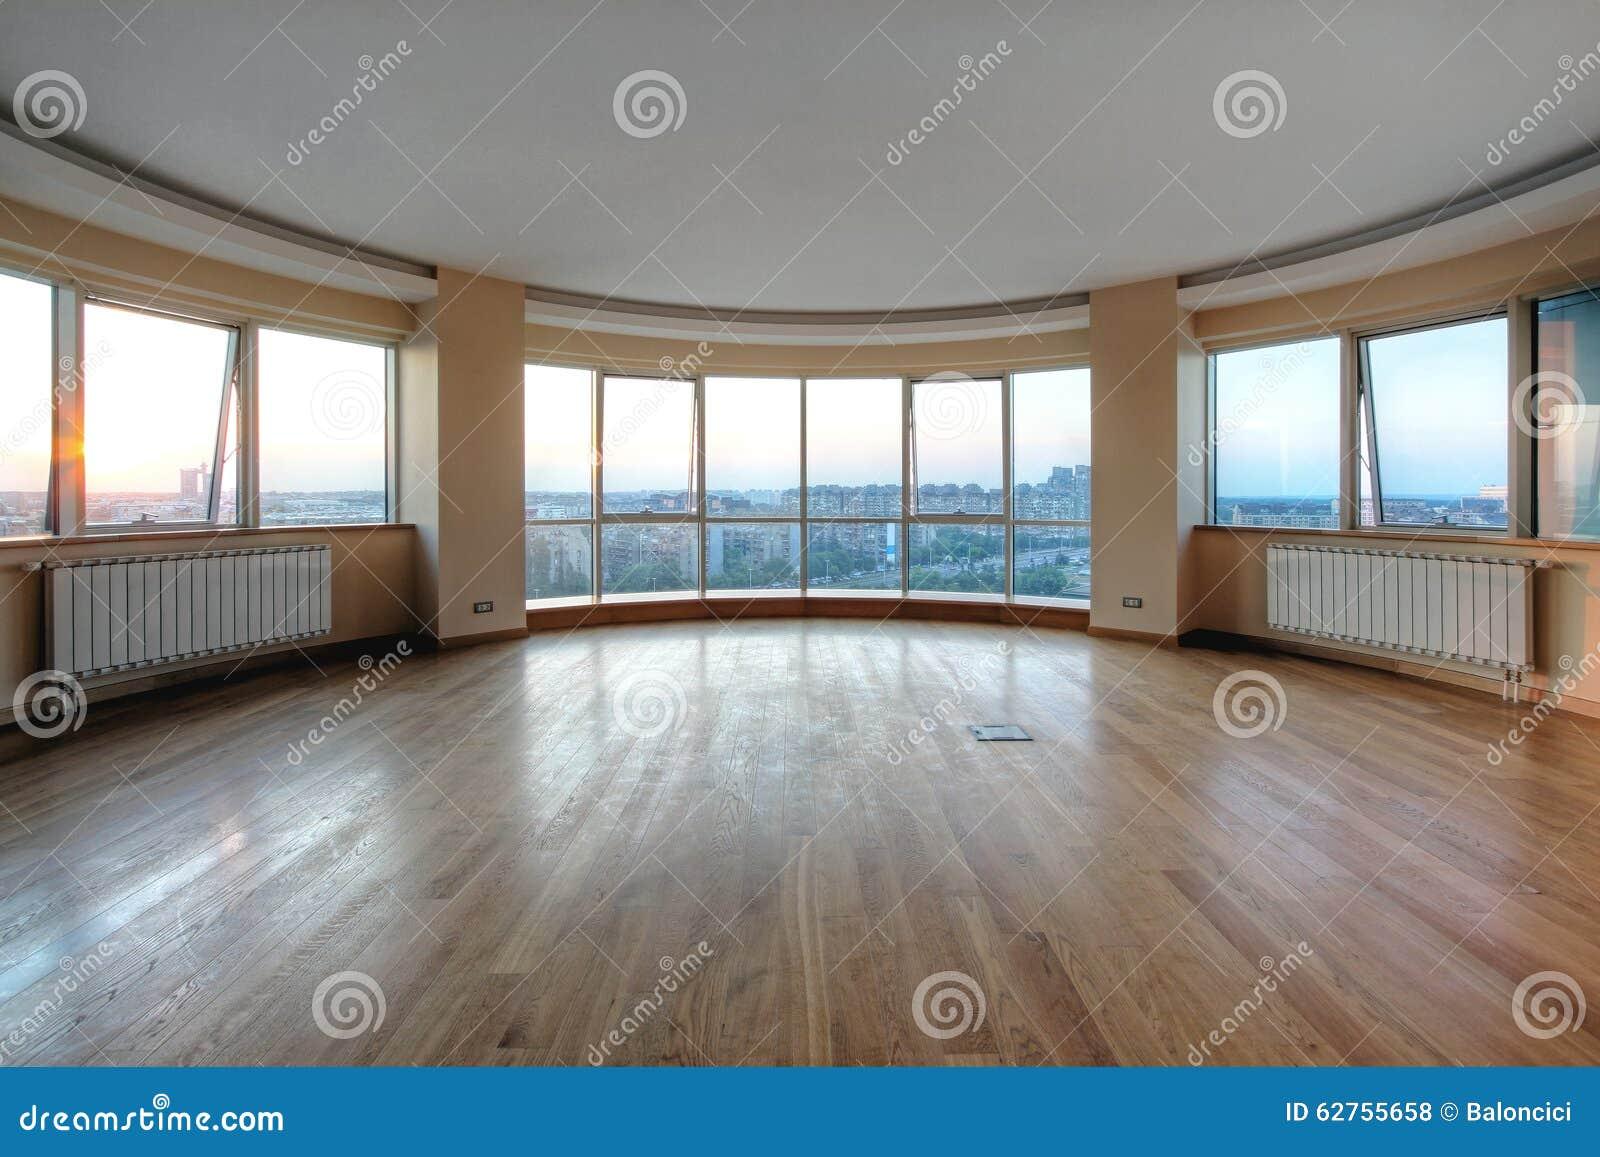 Fußboden Wohnung English ~ Ovaler raum stockfoto. bild von innen fußboden wohnung 62755658